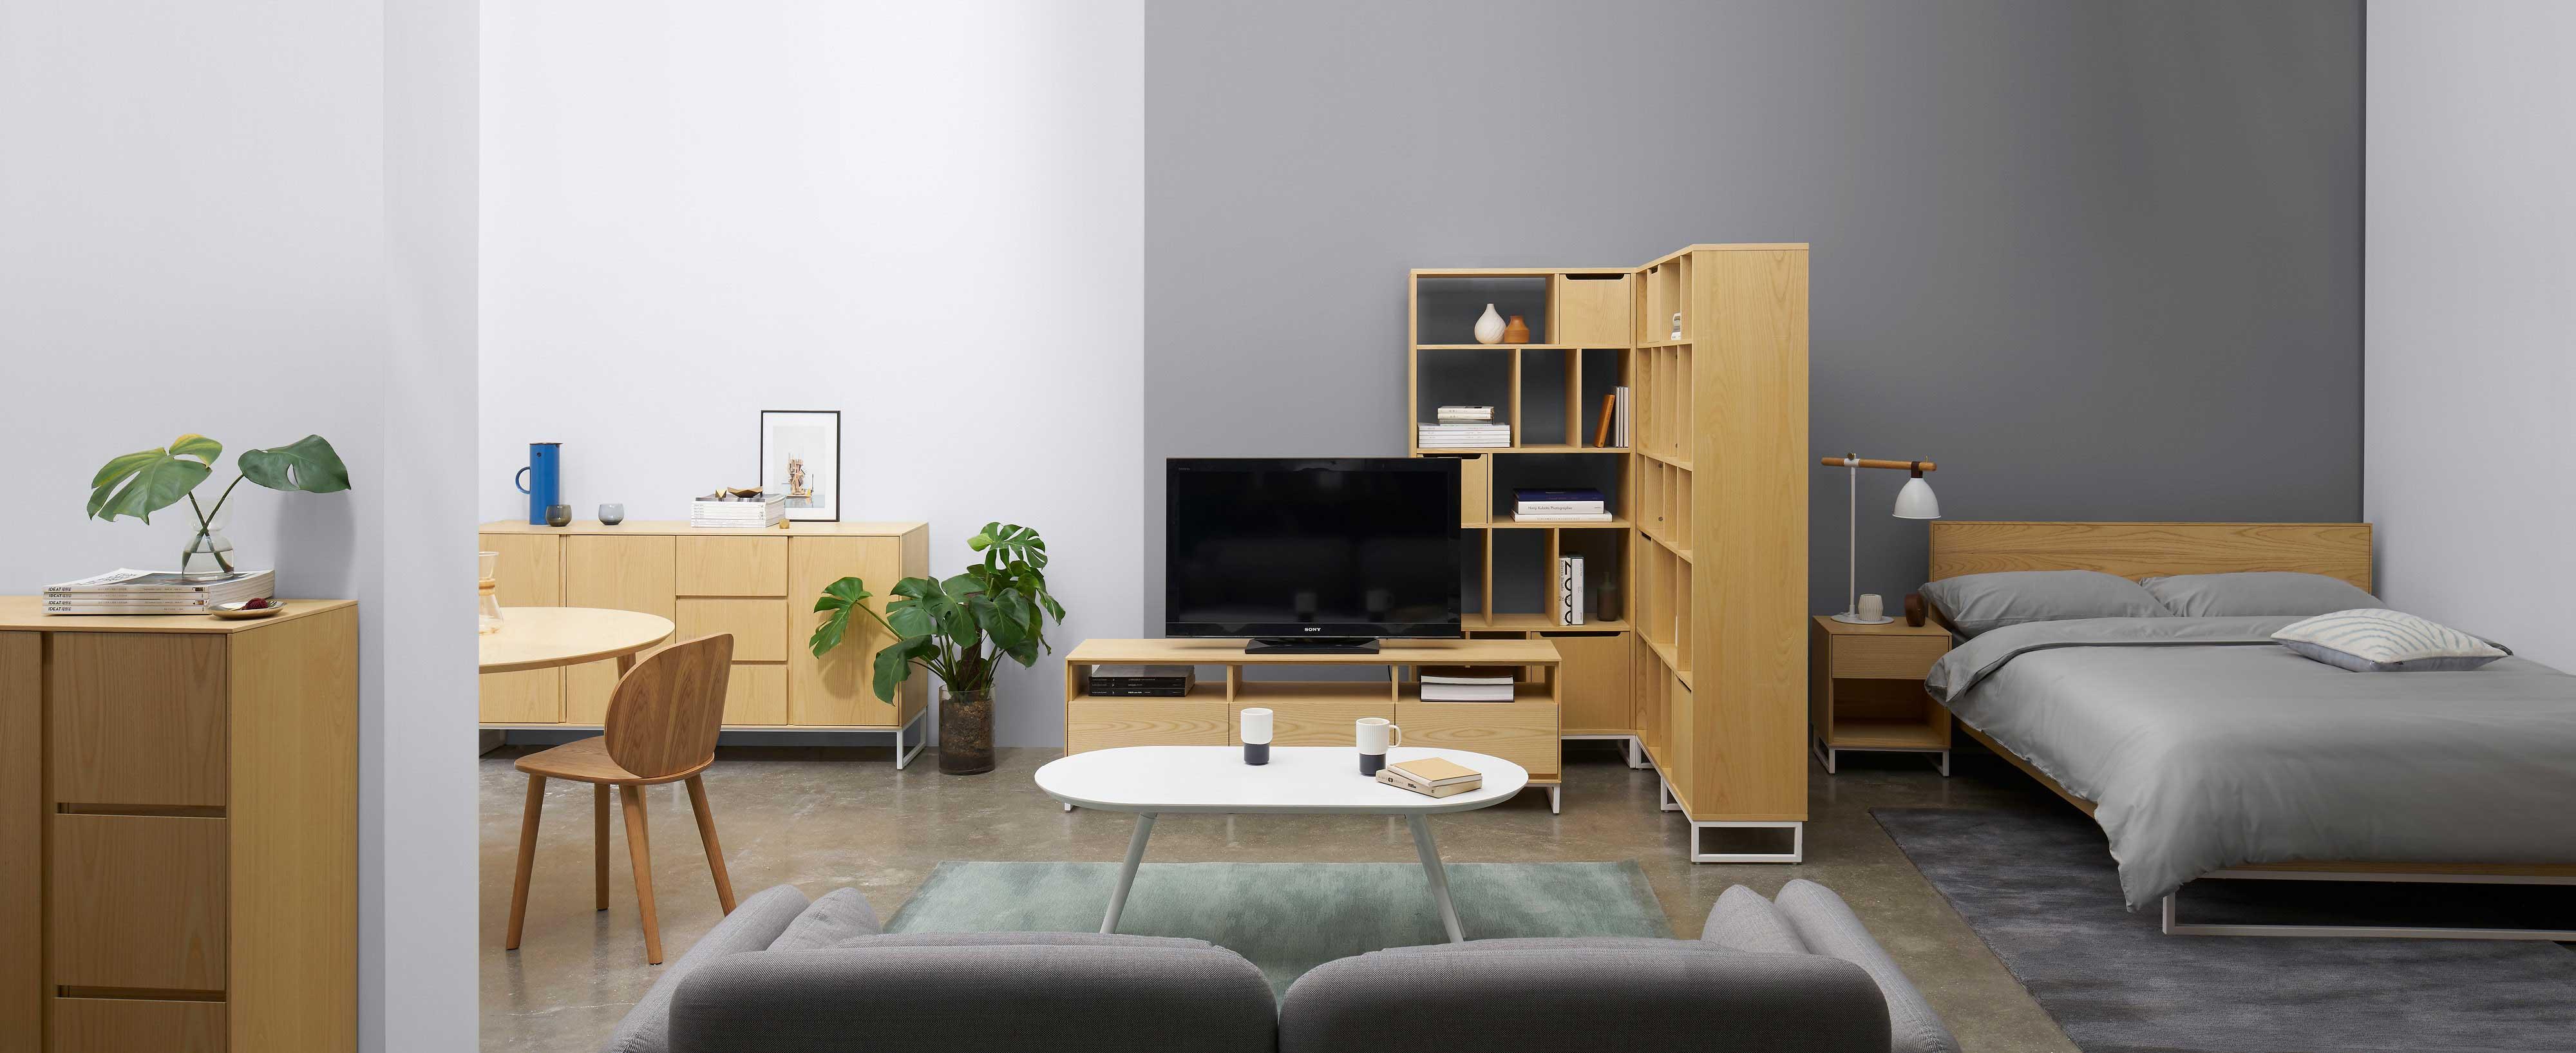 """造作套系背景家具""""画板系列""""已全系上线,简约收敛的线条,360°温暖的木质触感,丰满考究的细节,勾勒全家的基础构线。"""